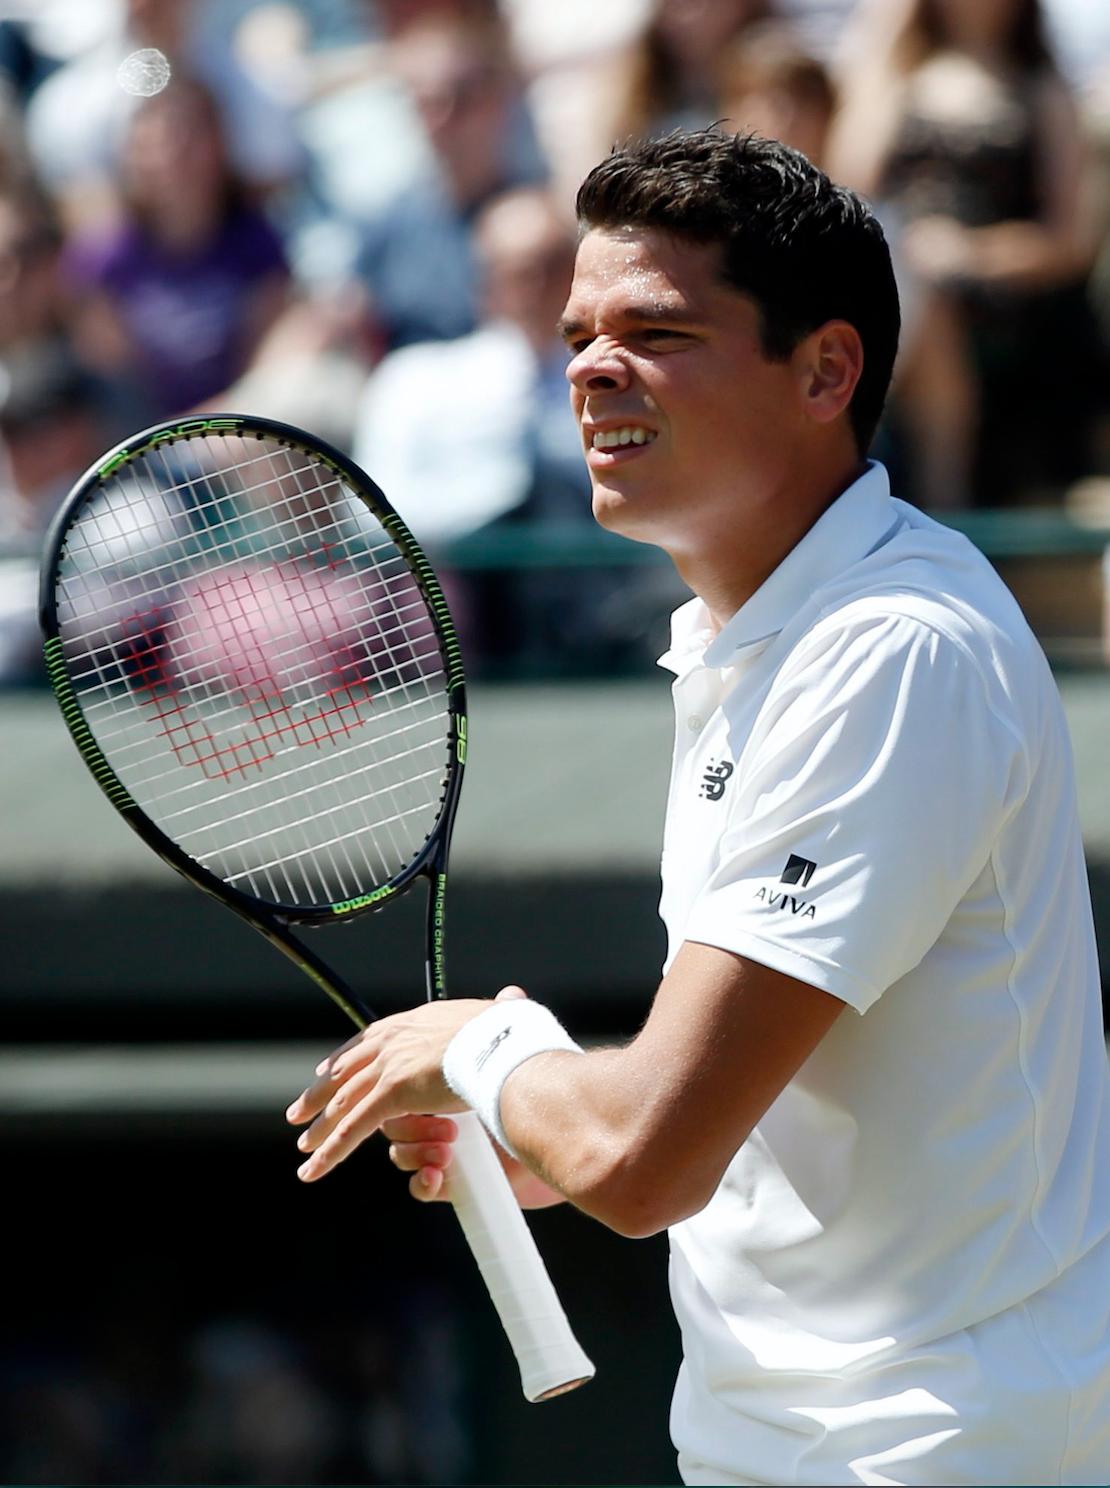 Victoire du Canadien Milos Raonic à Wimbledon face à Sam Querrey